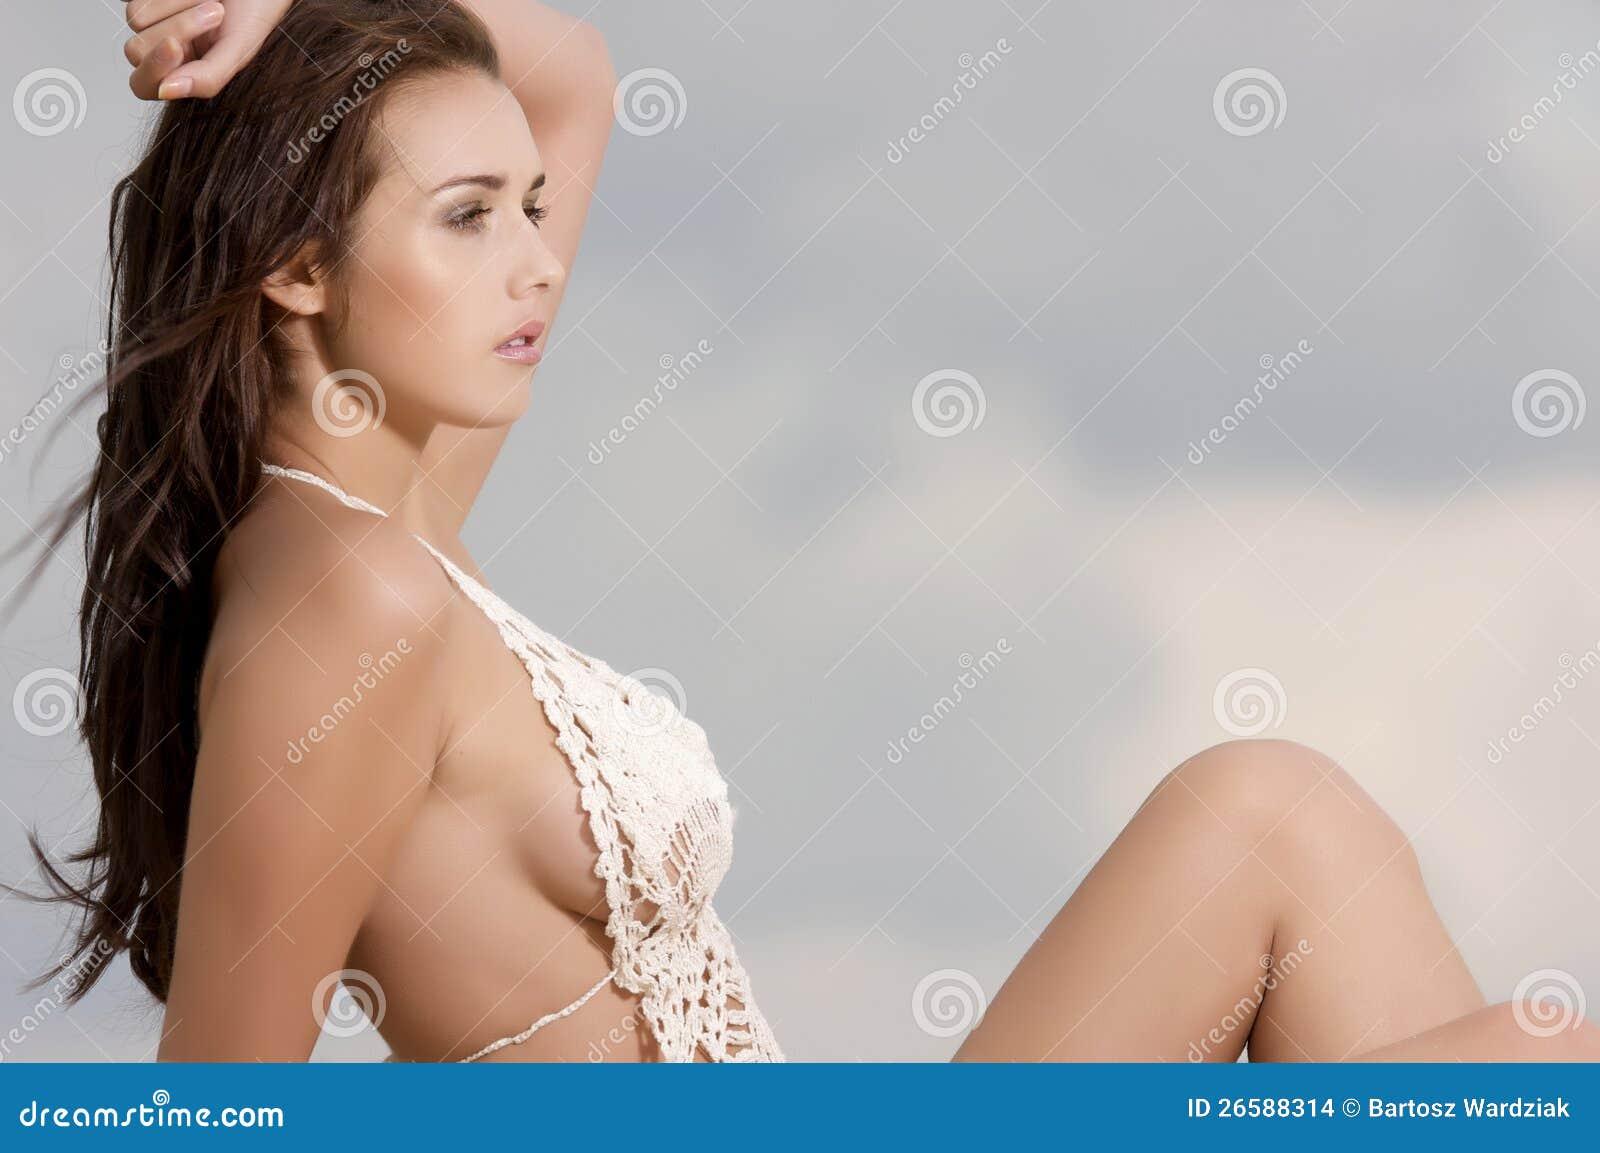 Tami erin naked fucking